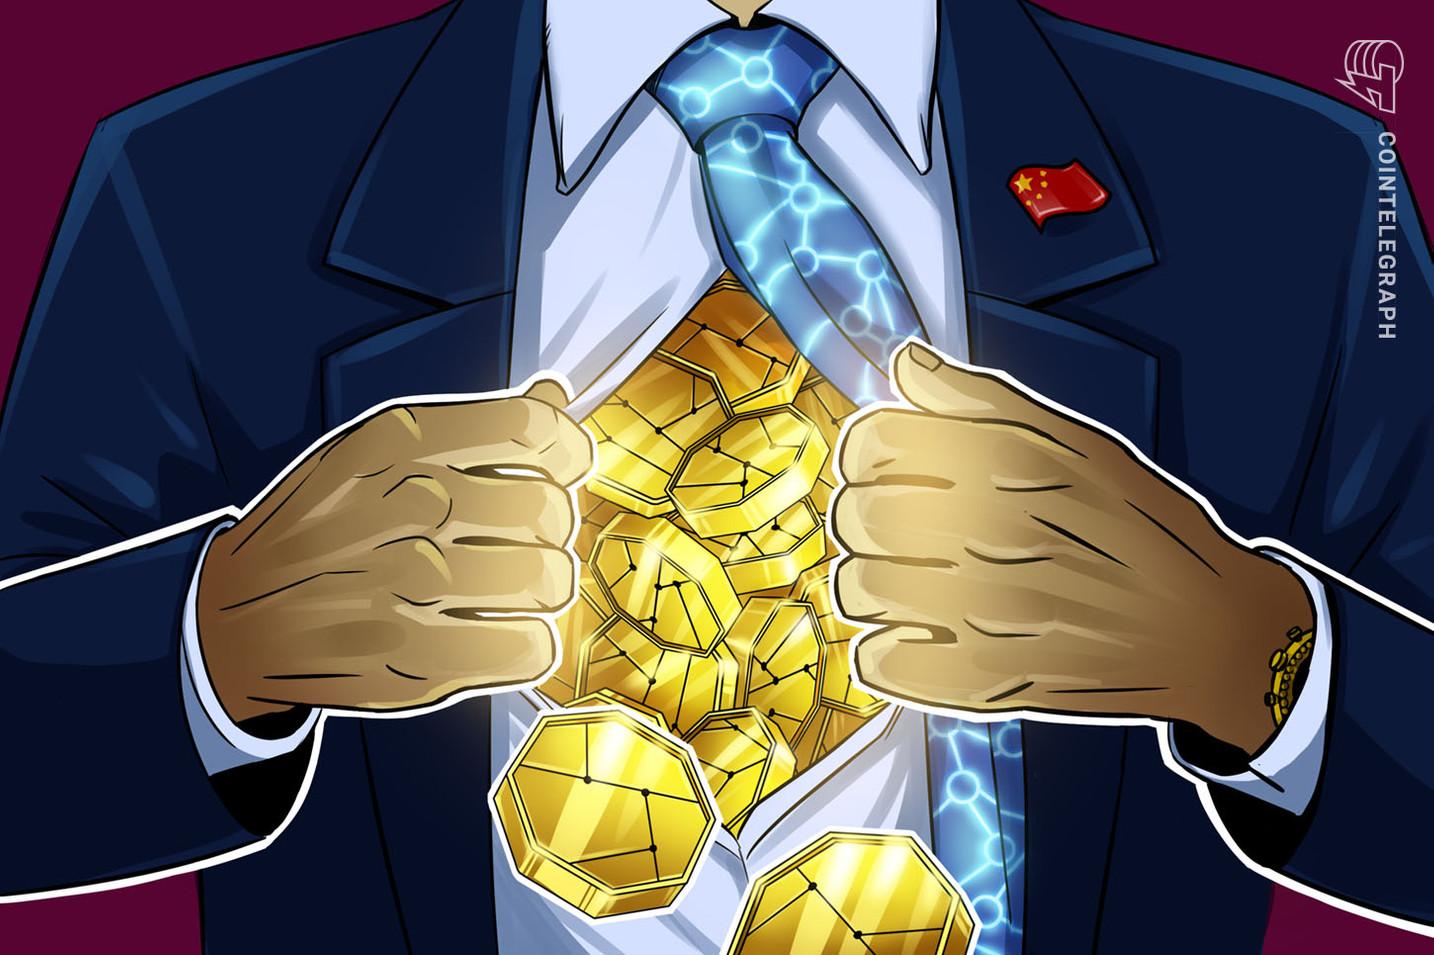 Jefes de Bitmain, Binance y otros hombres de negocios relacionados con criptos entre más ricos de China